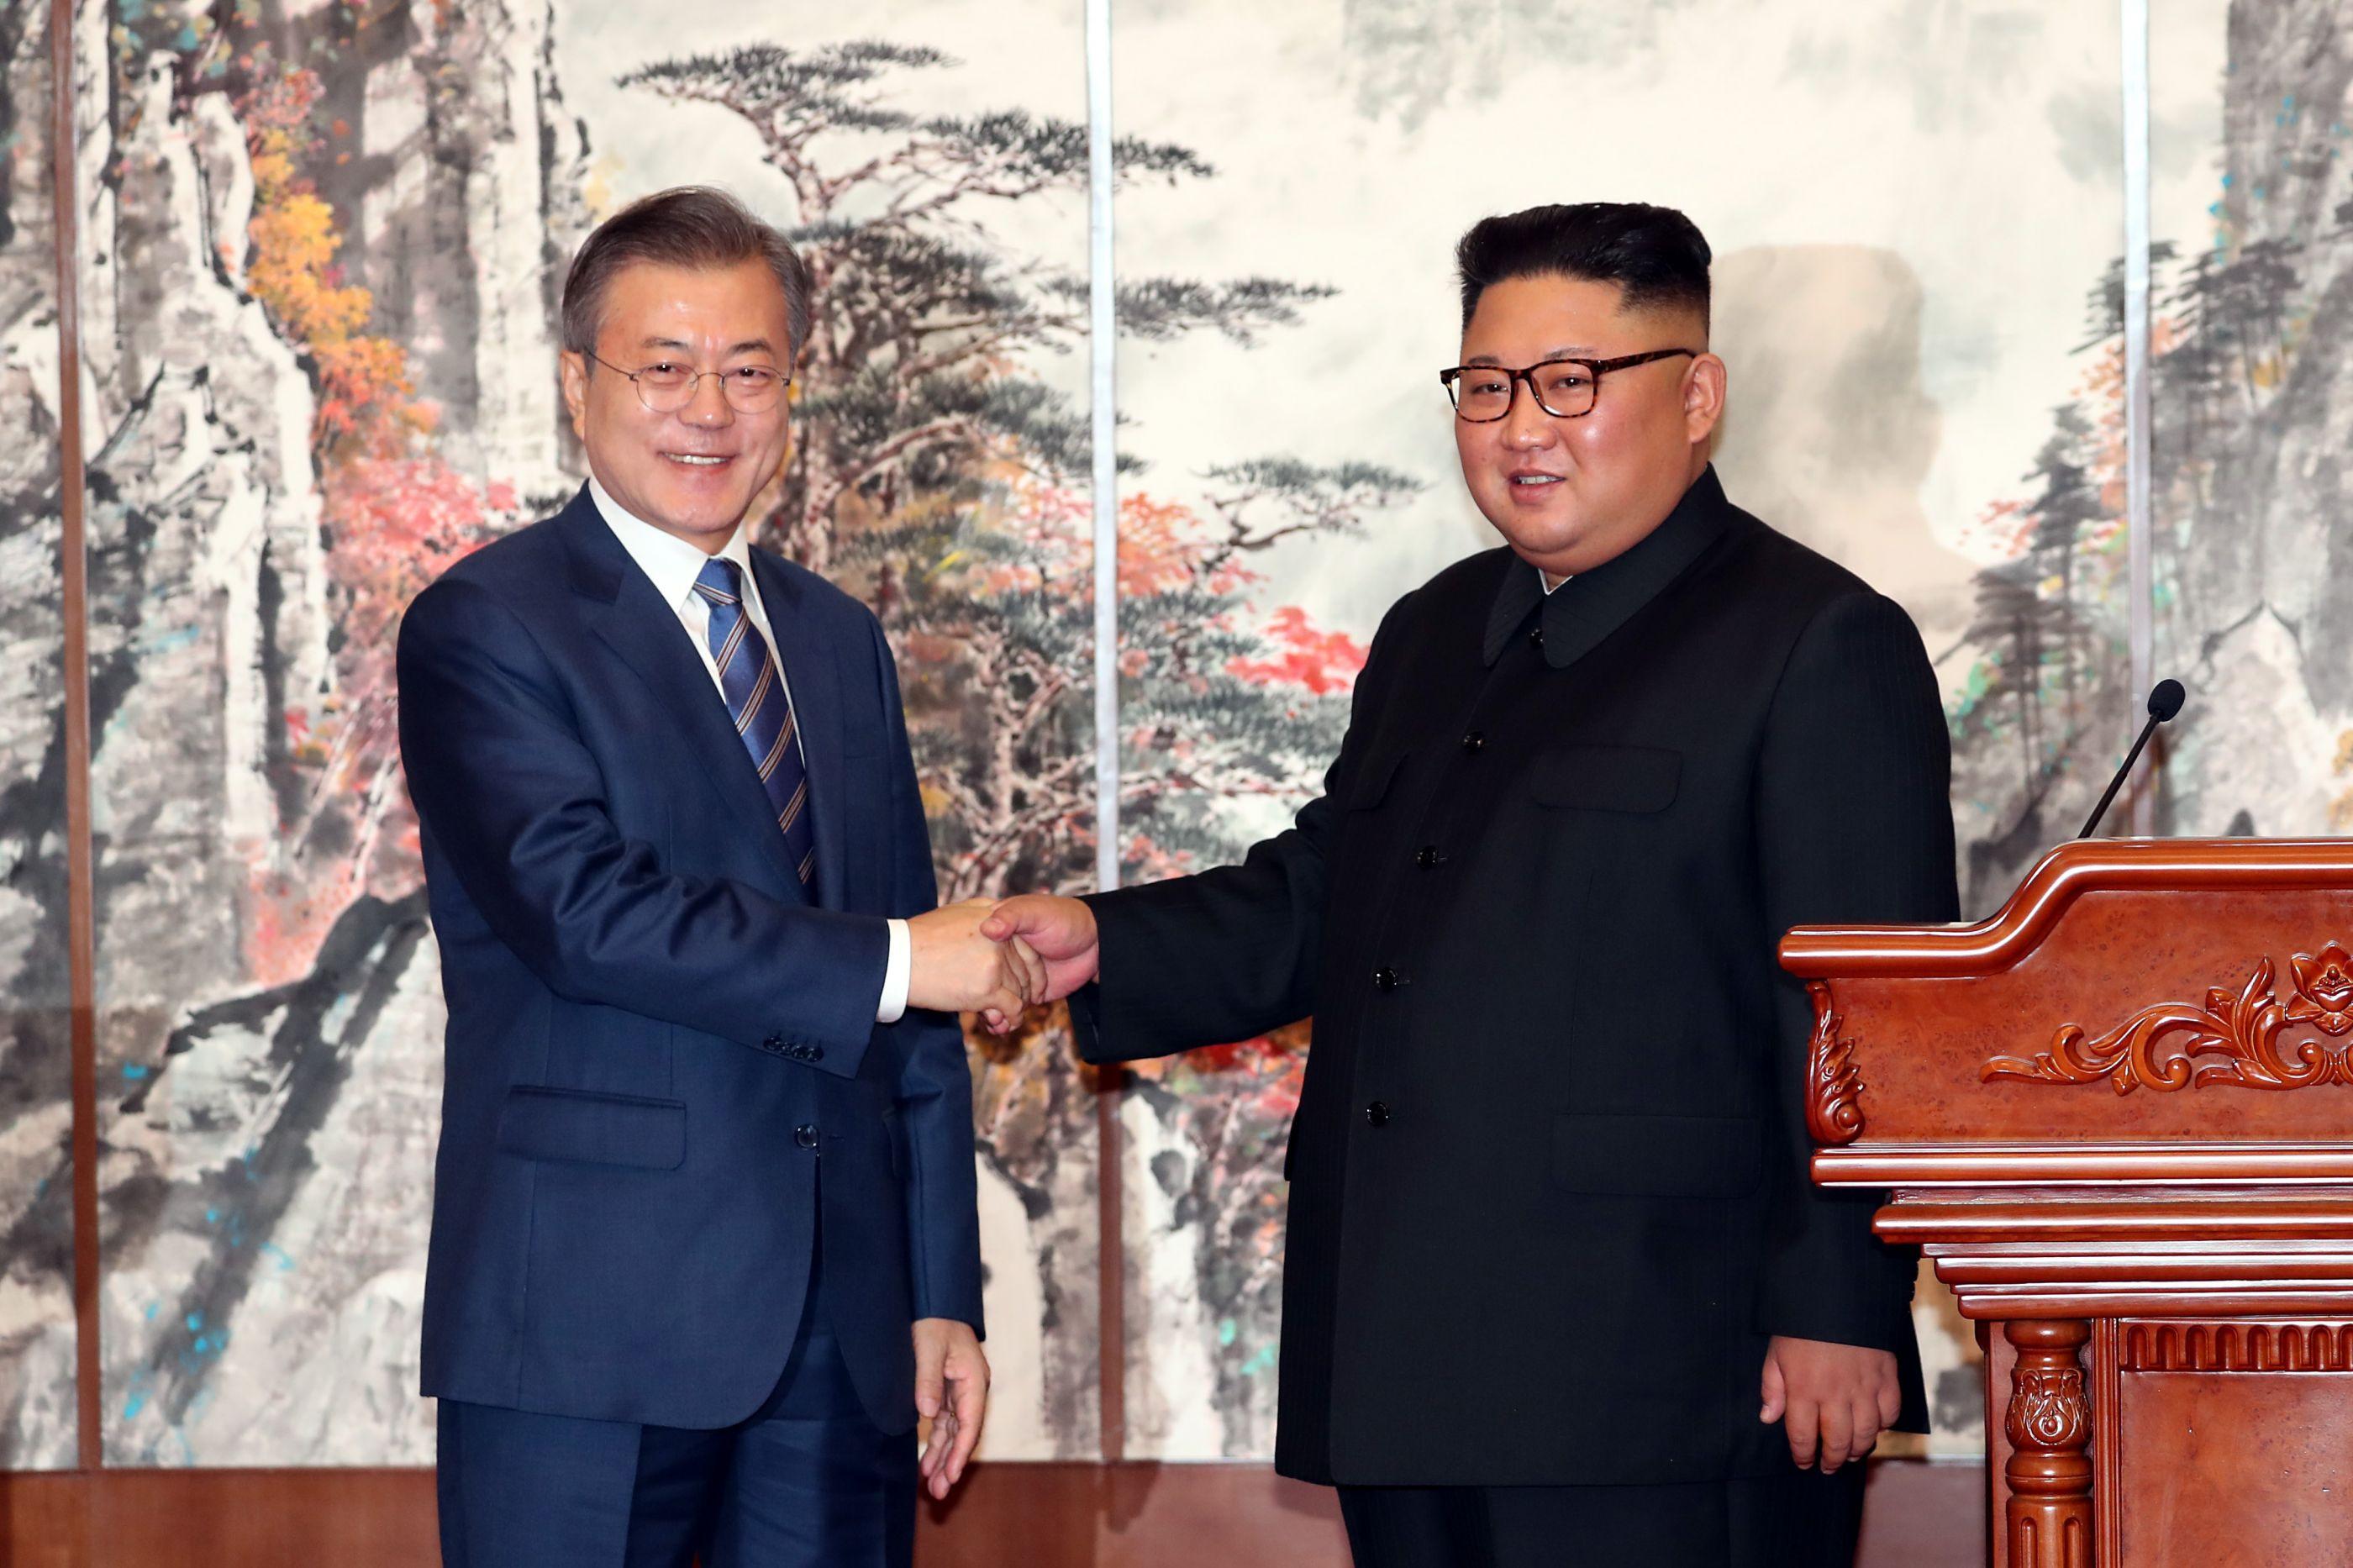 Coreias querem organizar Jogos Olímpicos de 2032